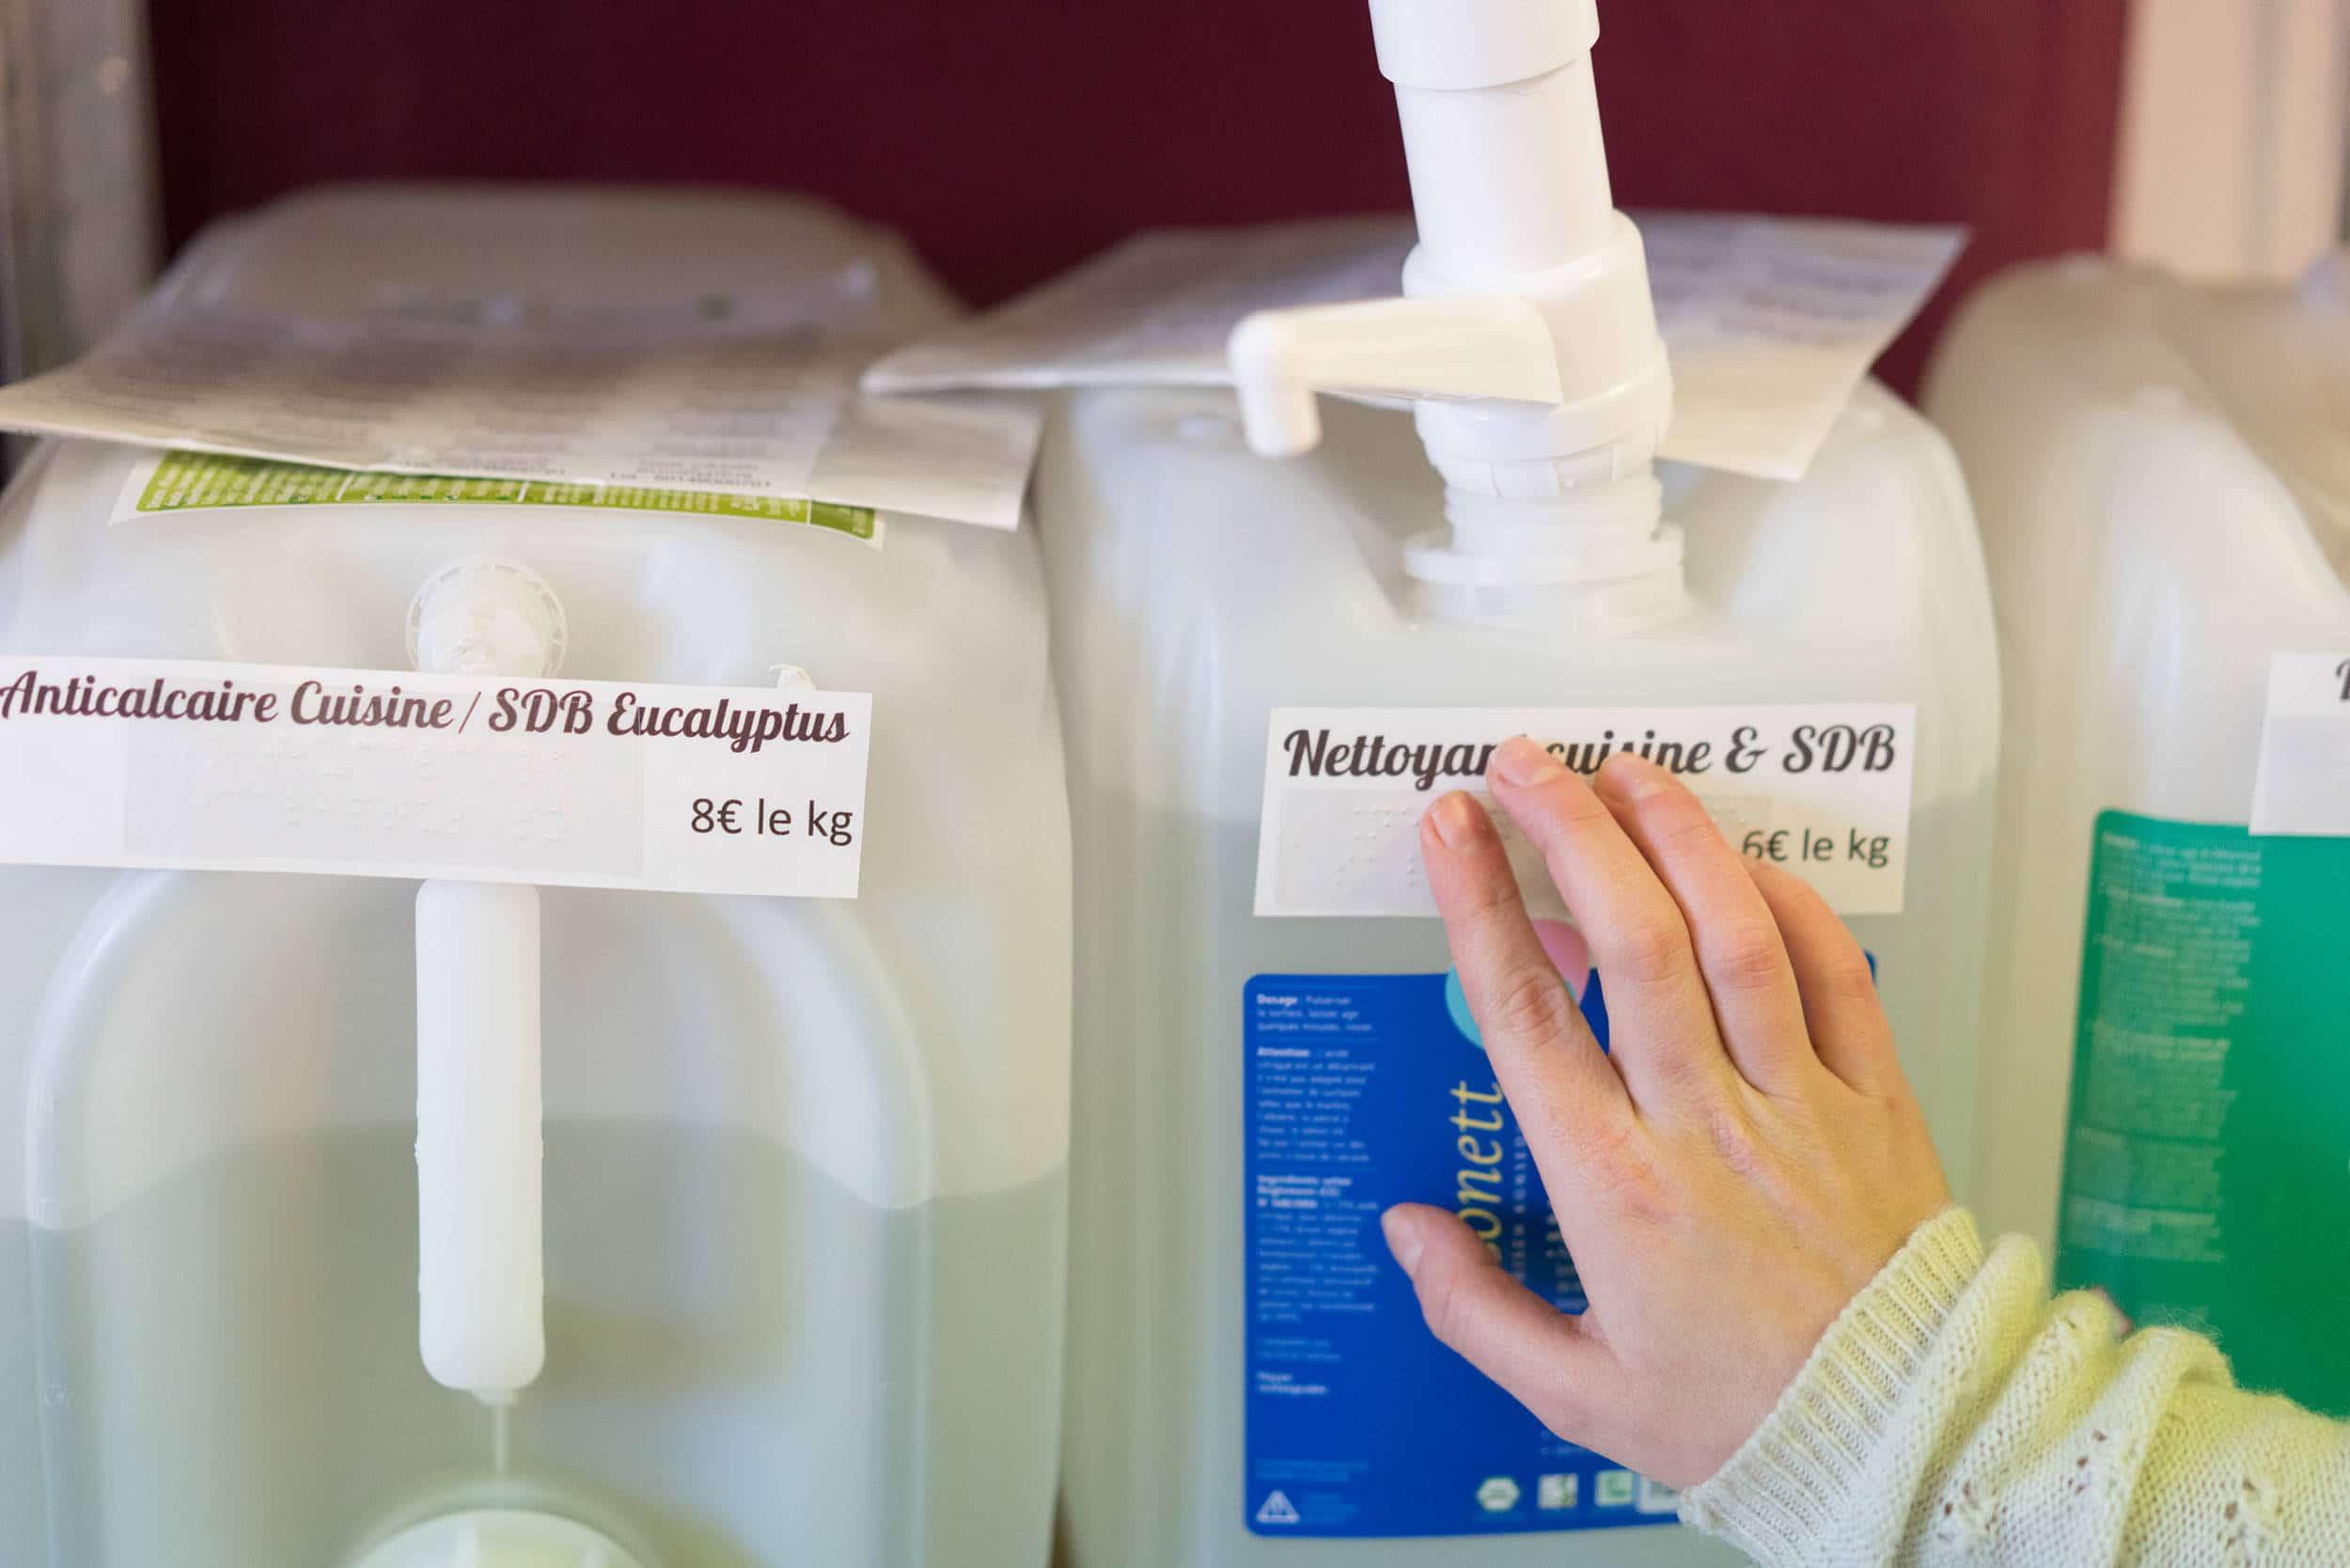 Une main passe sur l'écriture en braille de l'étiquette d'un grand récipient à savon liquide.